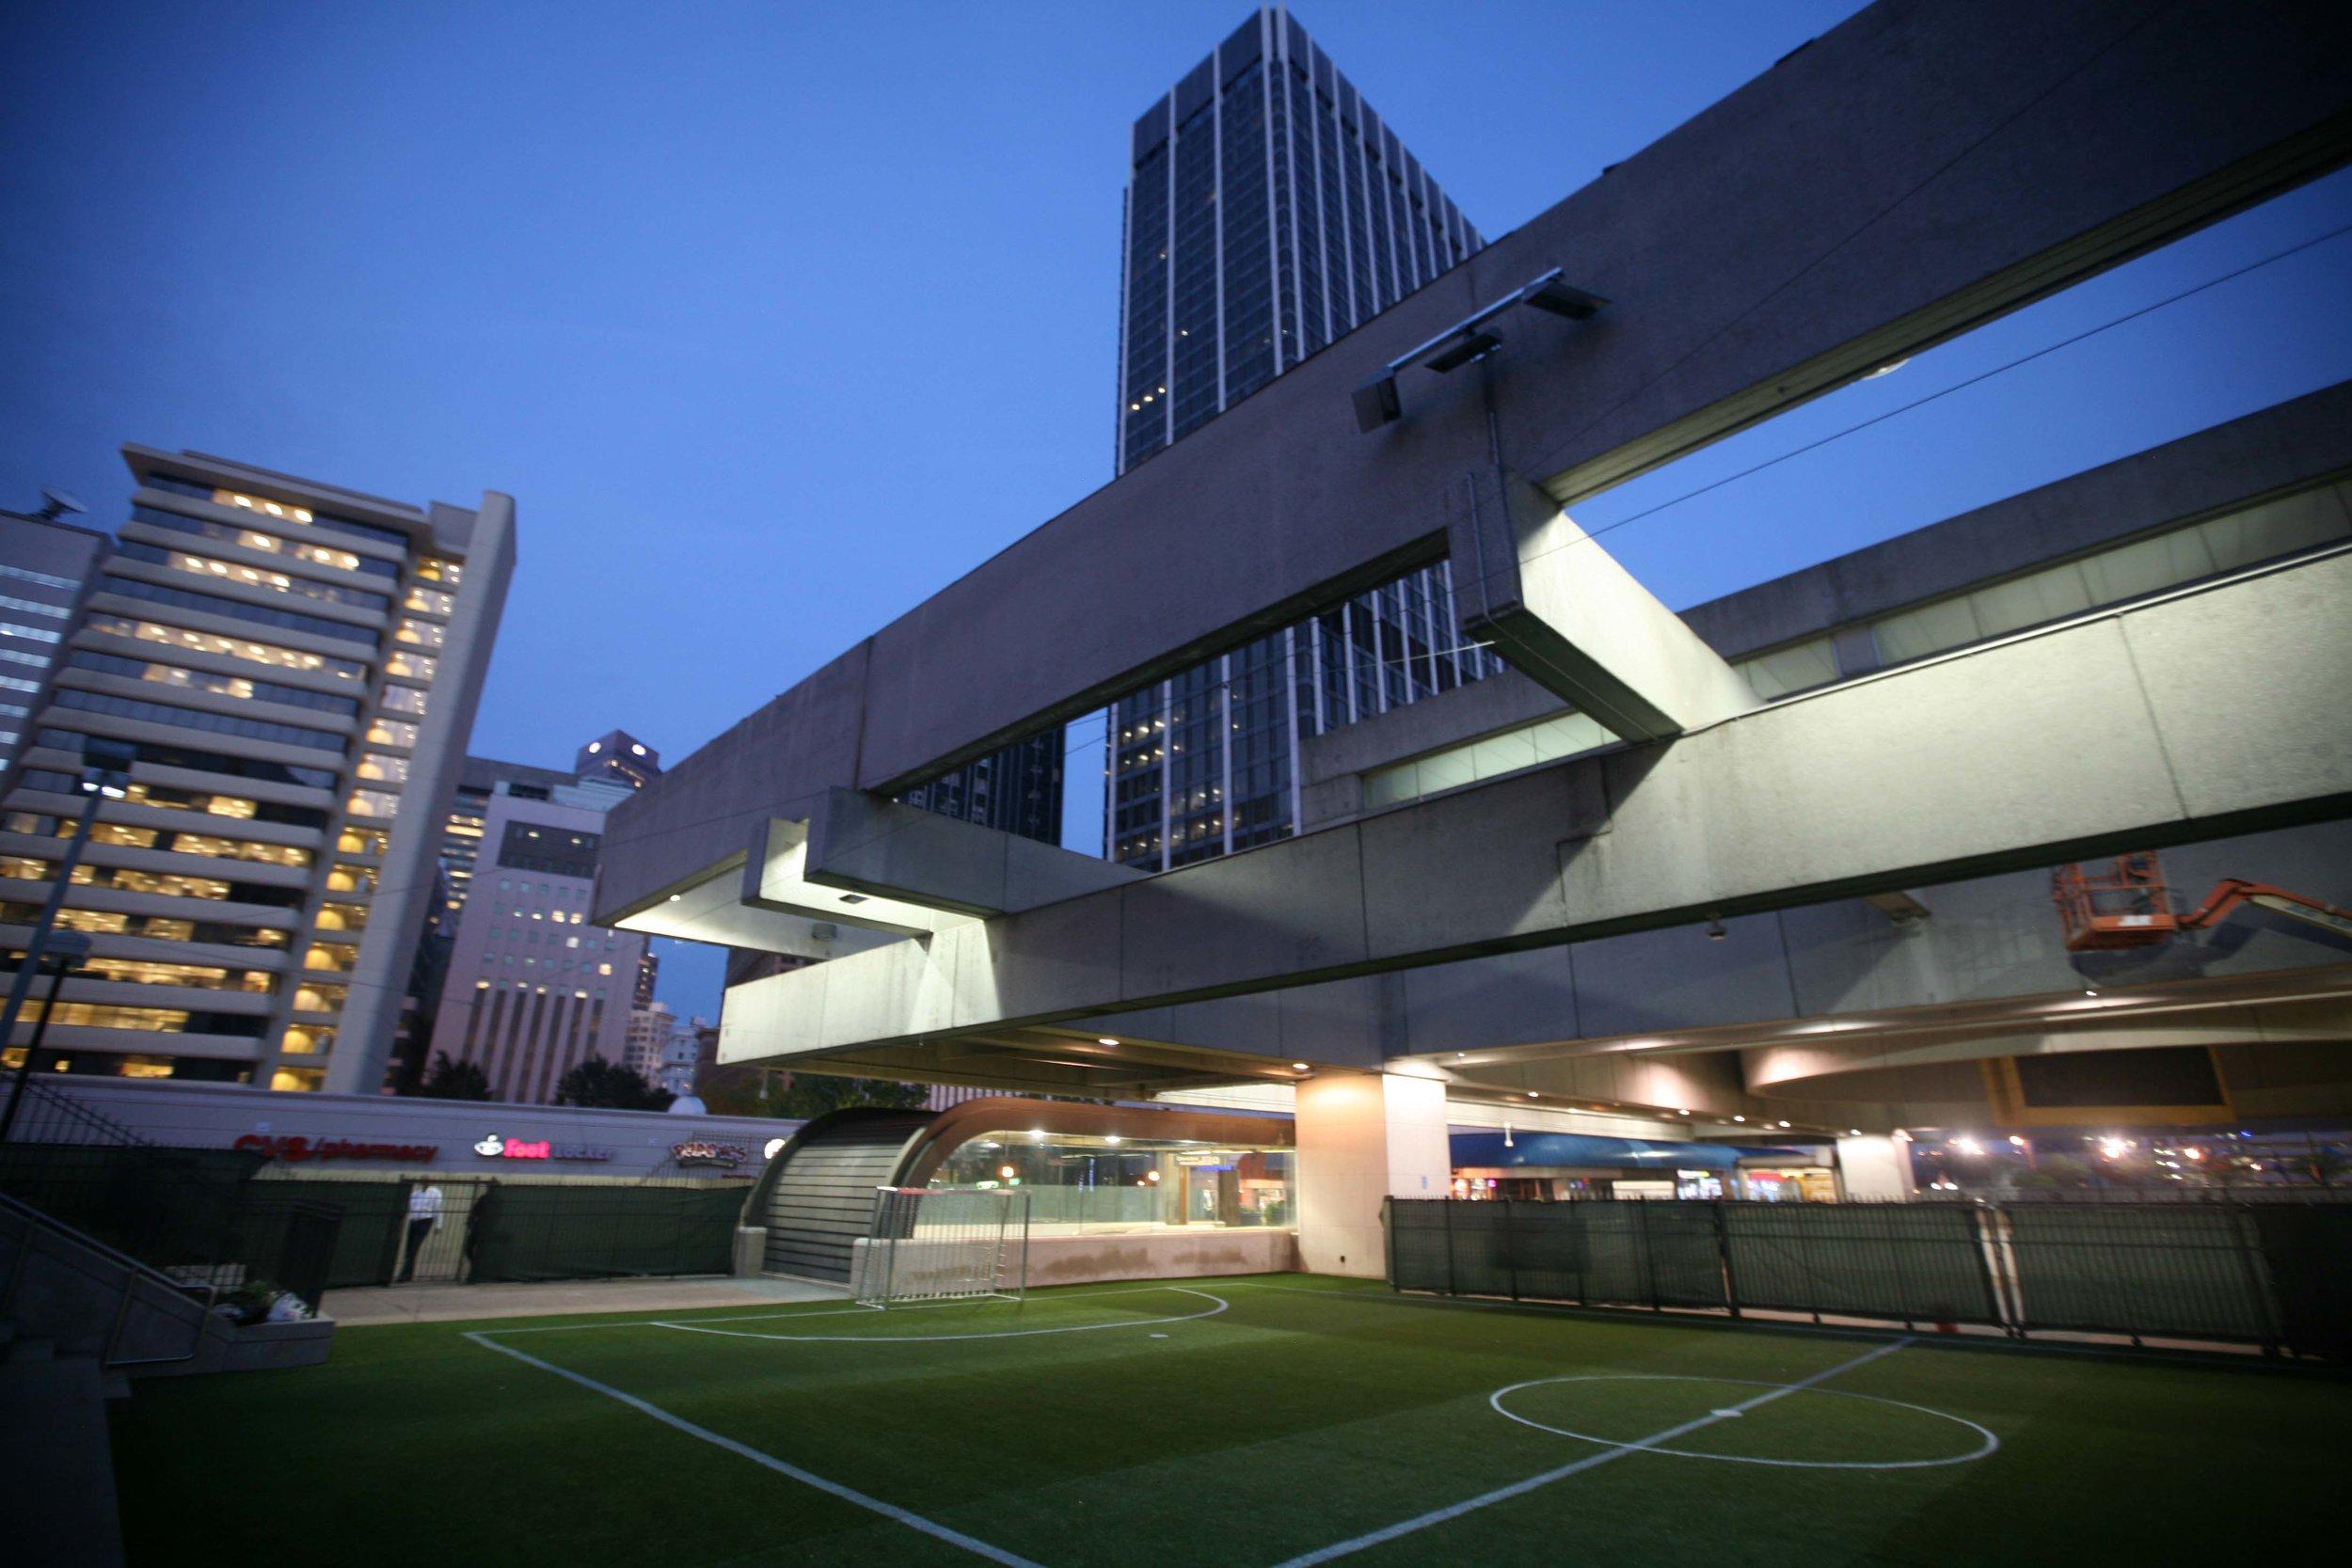 'Station Soccer' - Five Points MARTA Station